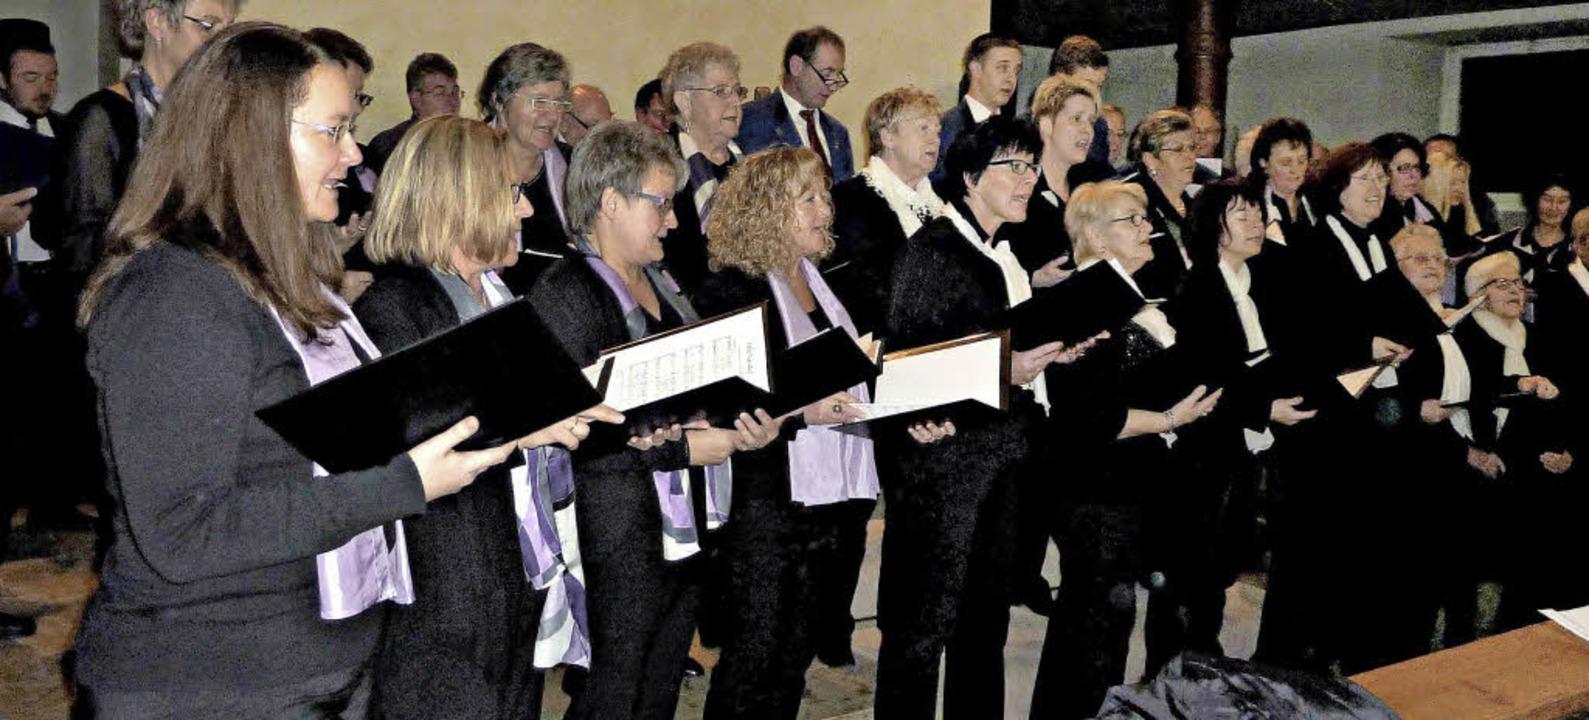 Der Gesamtchor kam mit seiner Liedausw...war  Solistin Nadine Wagner (rechts).   | Foto: Osswald